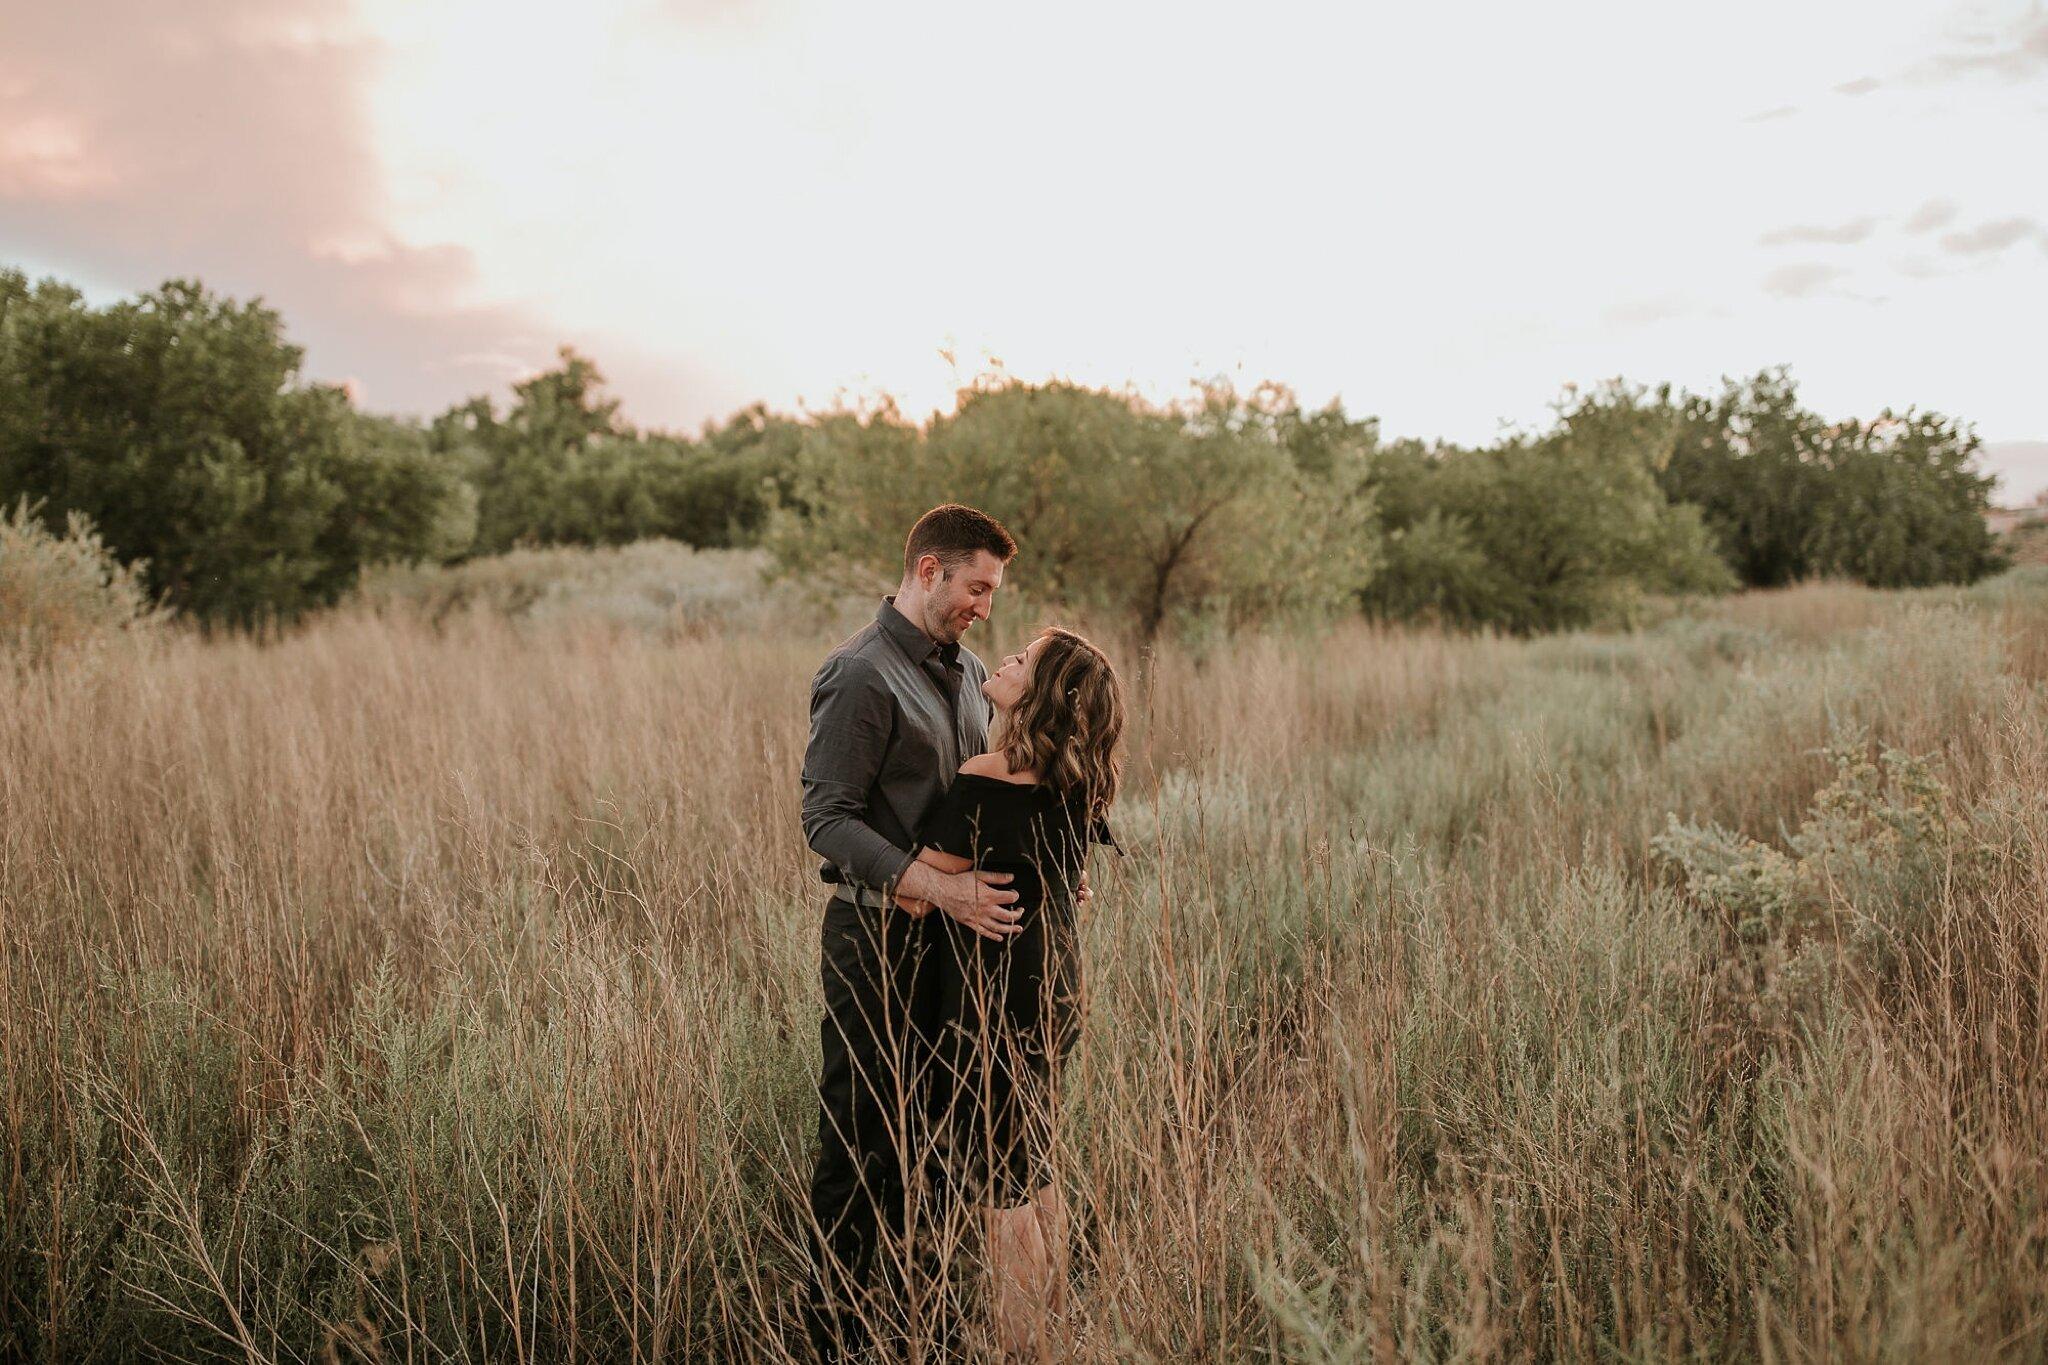 Alicia+lucia+photography+-+albuquerque+wedding+photographer+-+santa+fe+wedding+photography+-+new+mexico+wedding+photographer+-+new+mexico+wedding+-+engagement+-+desert+engagement+-+new+mexico+engagement+-+new+mexico+desert+engagement_0063.jpg